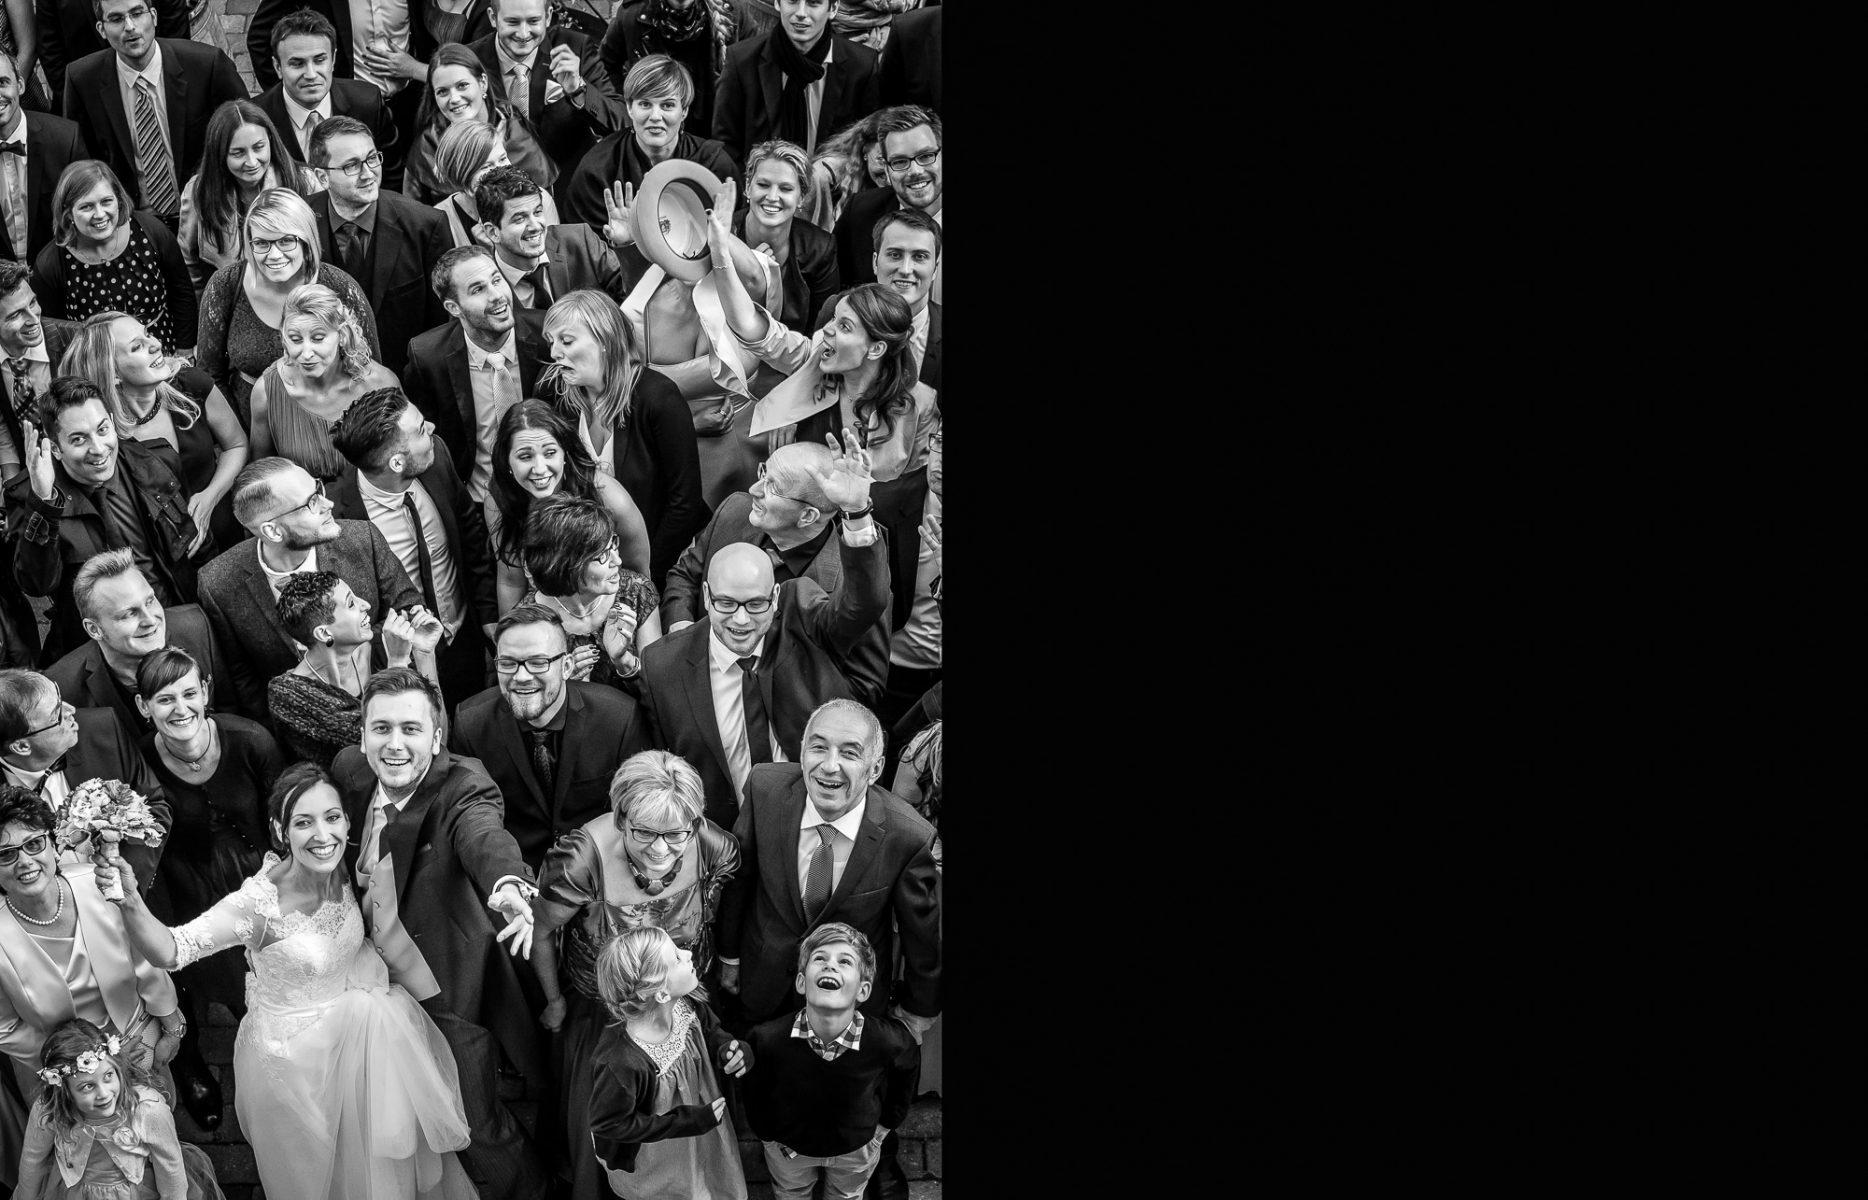 Hochzeit B2000  1868x1200 - Trauung